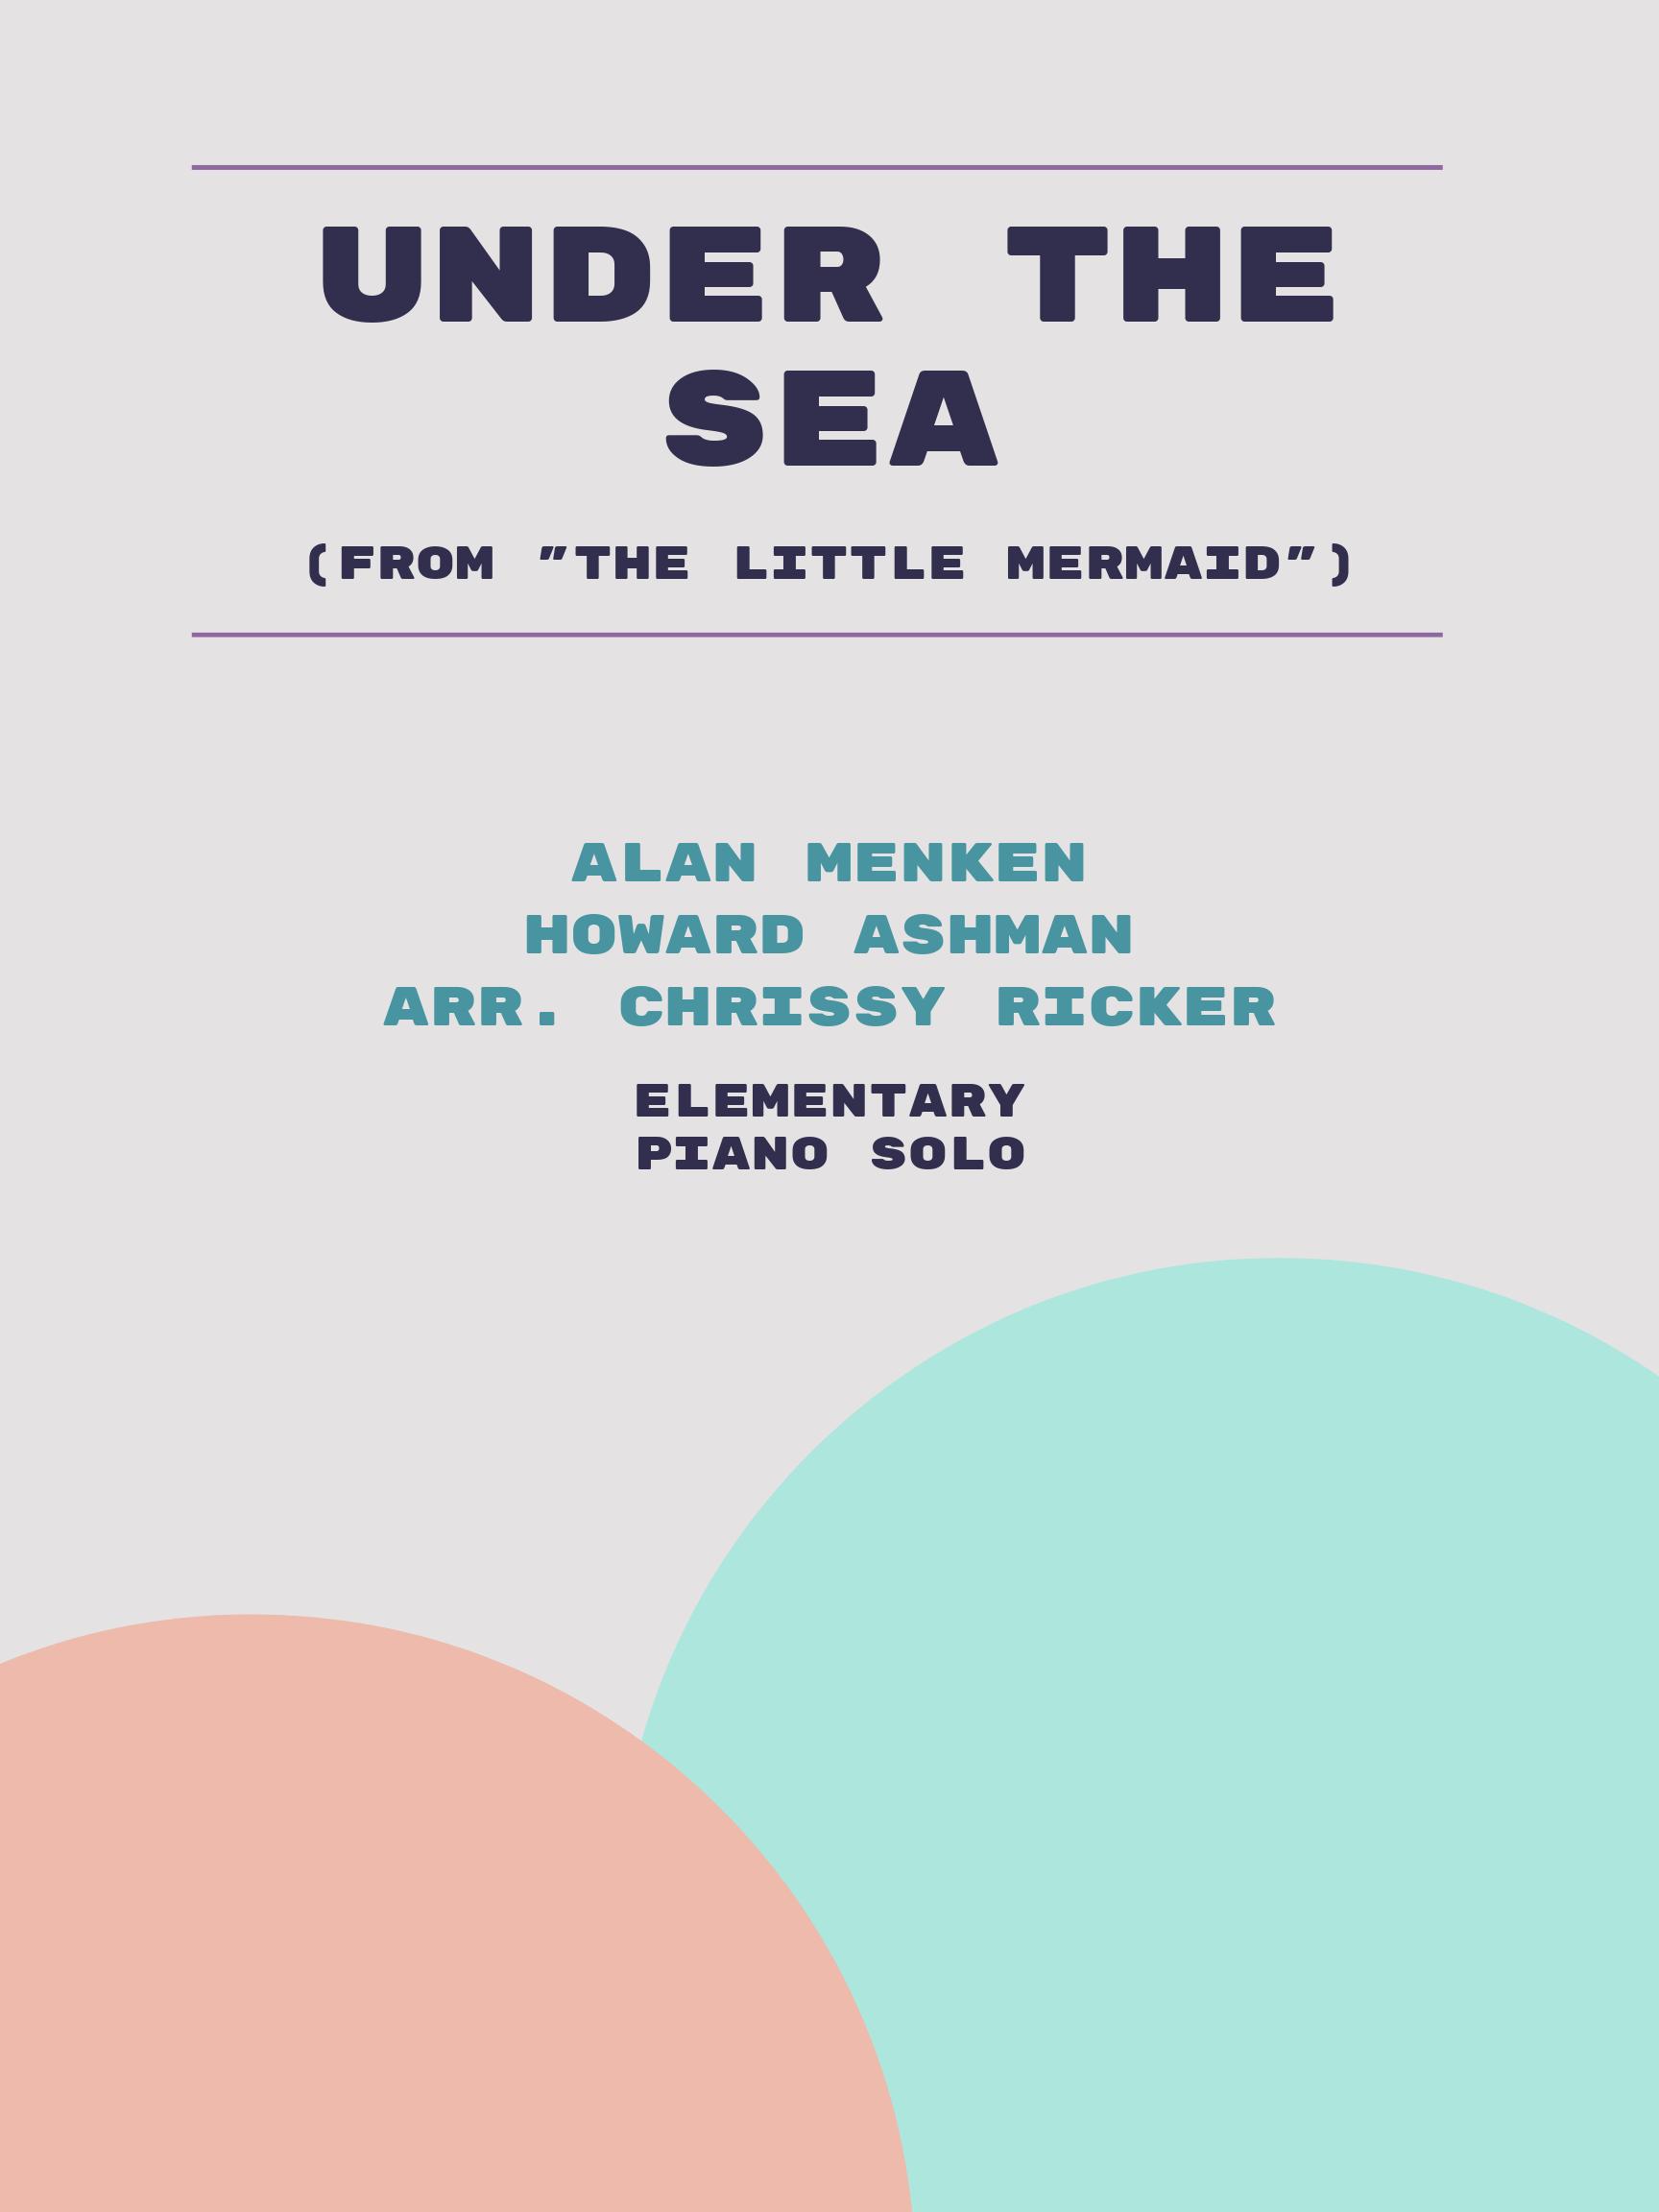 Under the Sea by Alan Menken, Howard Ashman